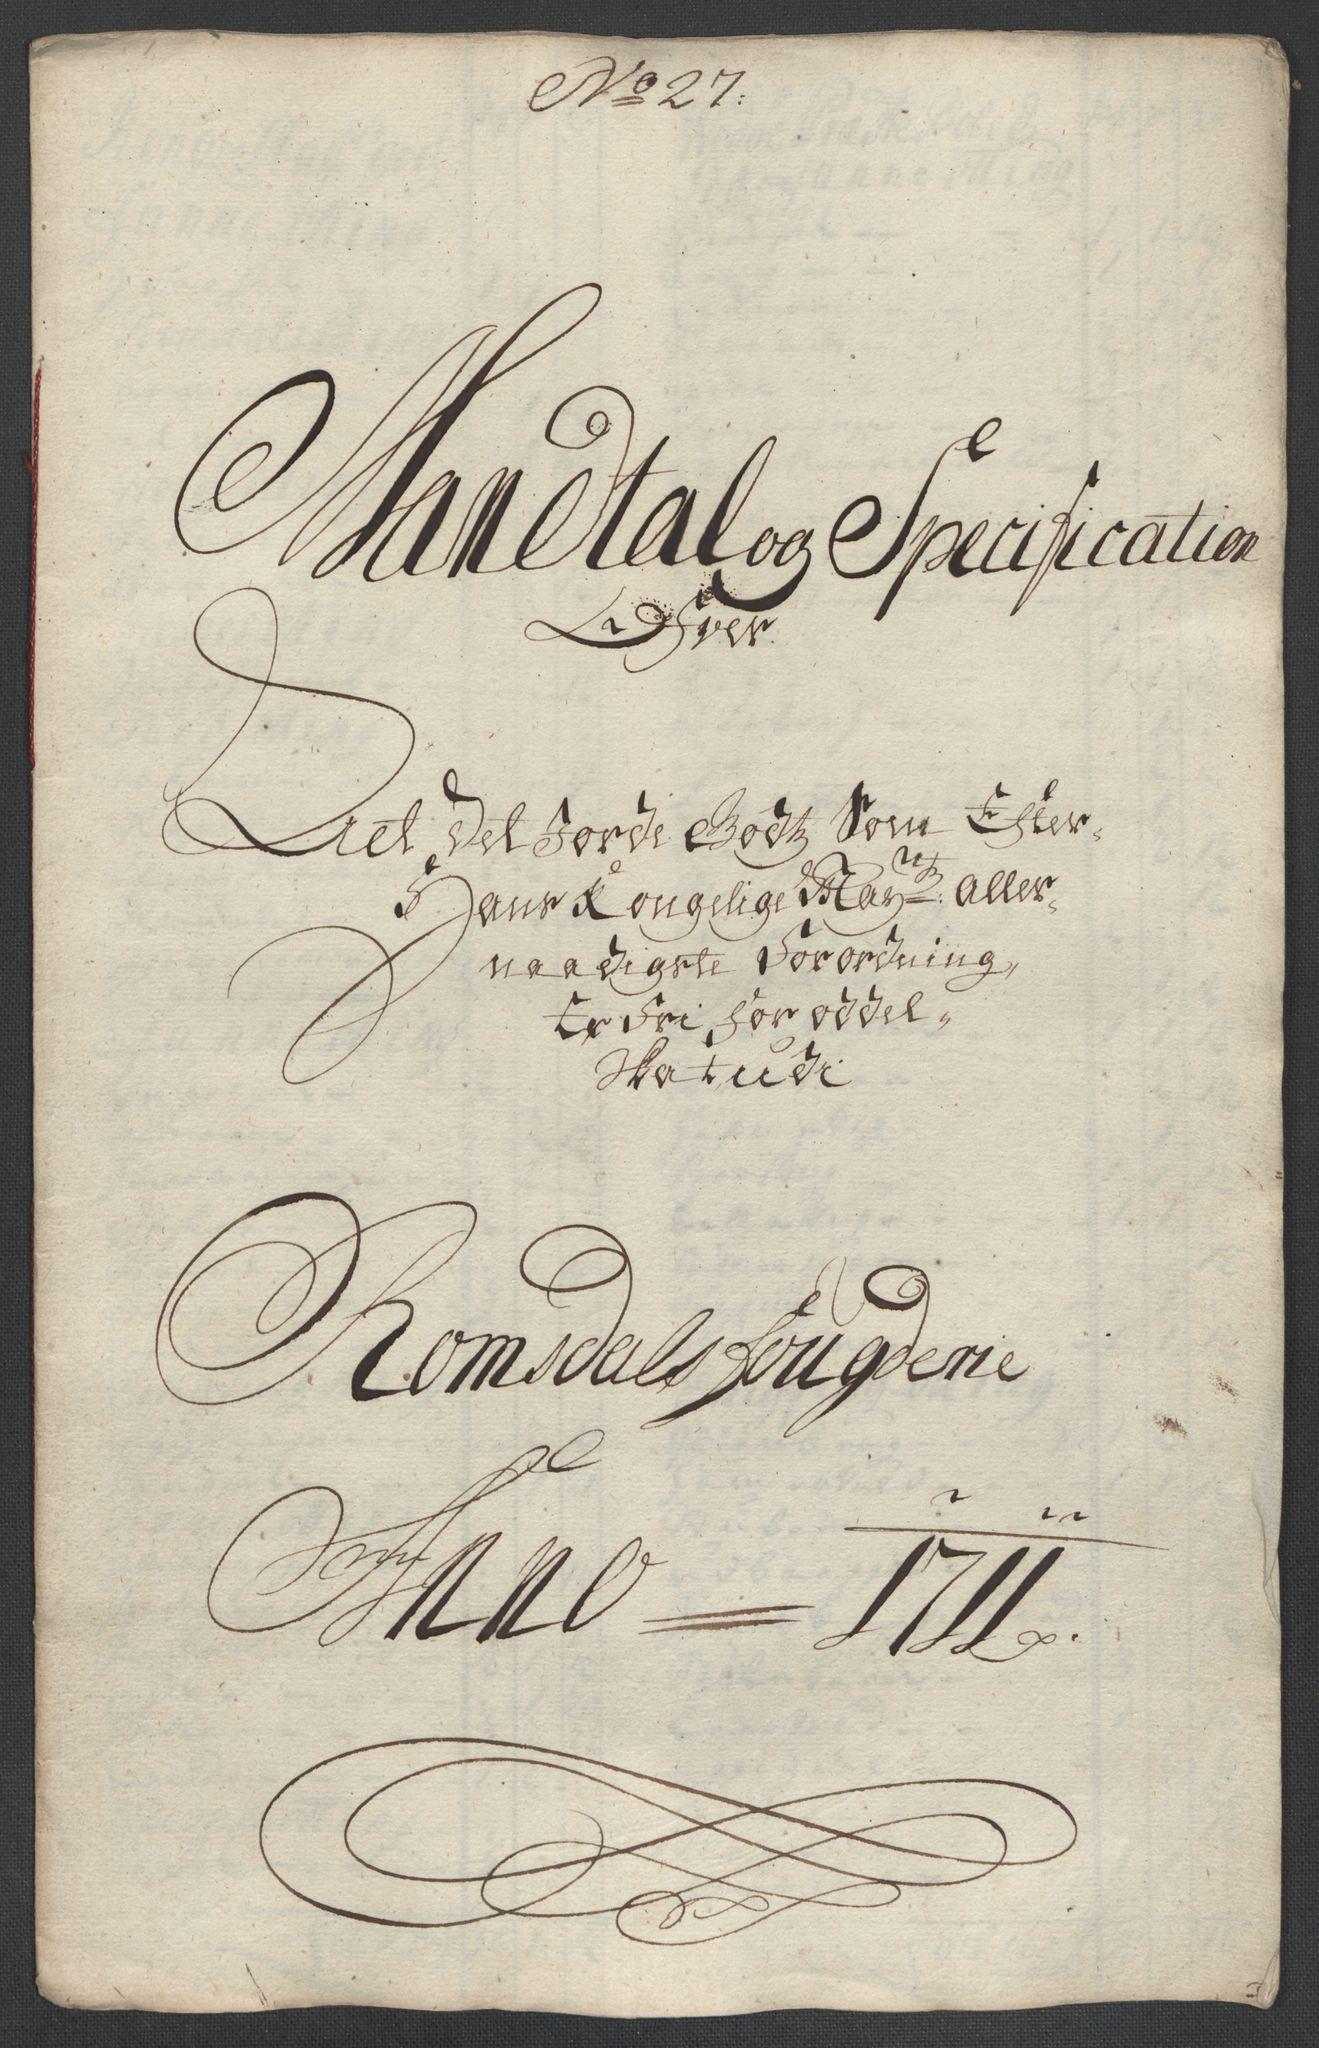 RA, Rentekammeret inntil 1814, Reviderte regnskaper, Fogderegnskap, R55/L3660: Fogderegnskap Romsdal, 1711, s. 414